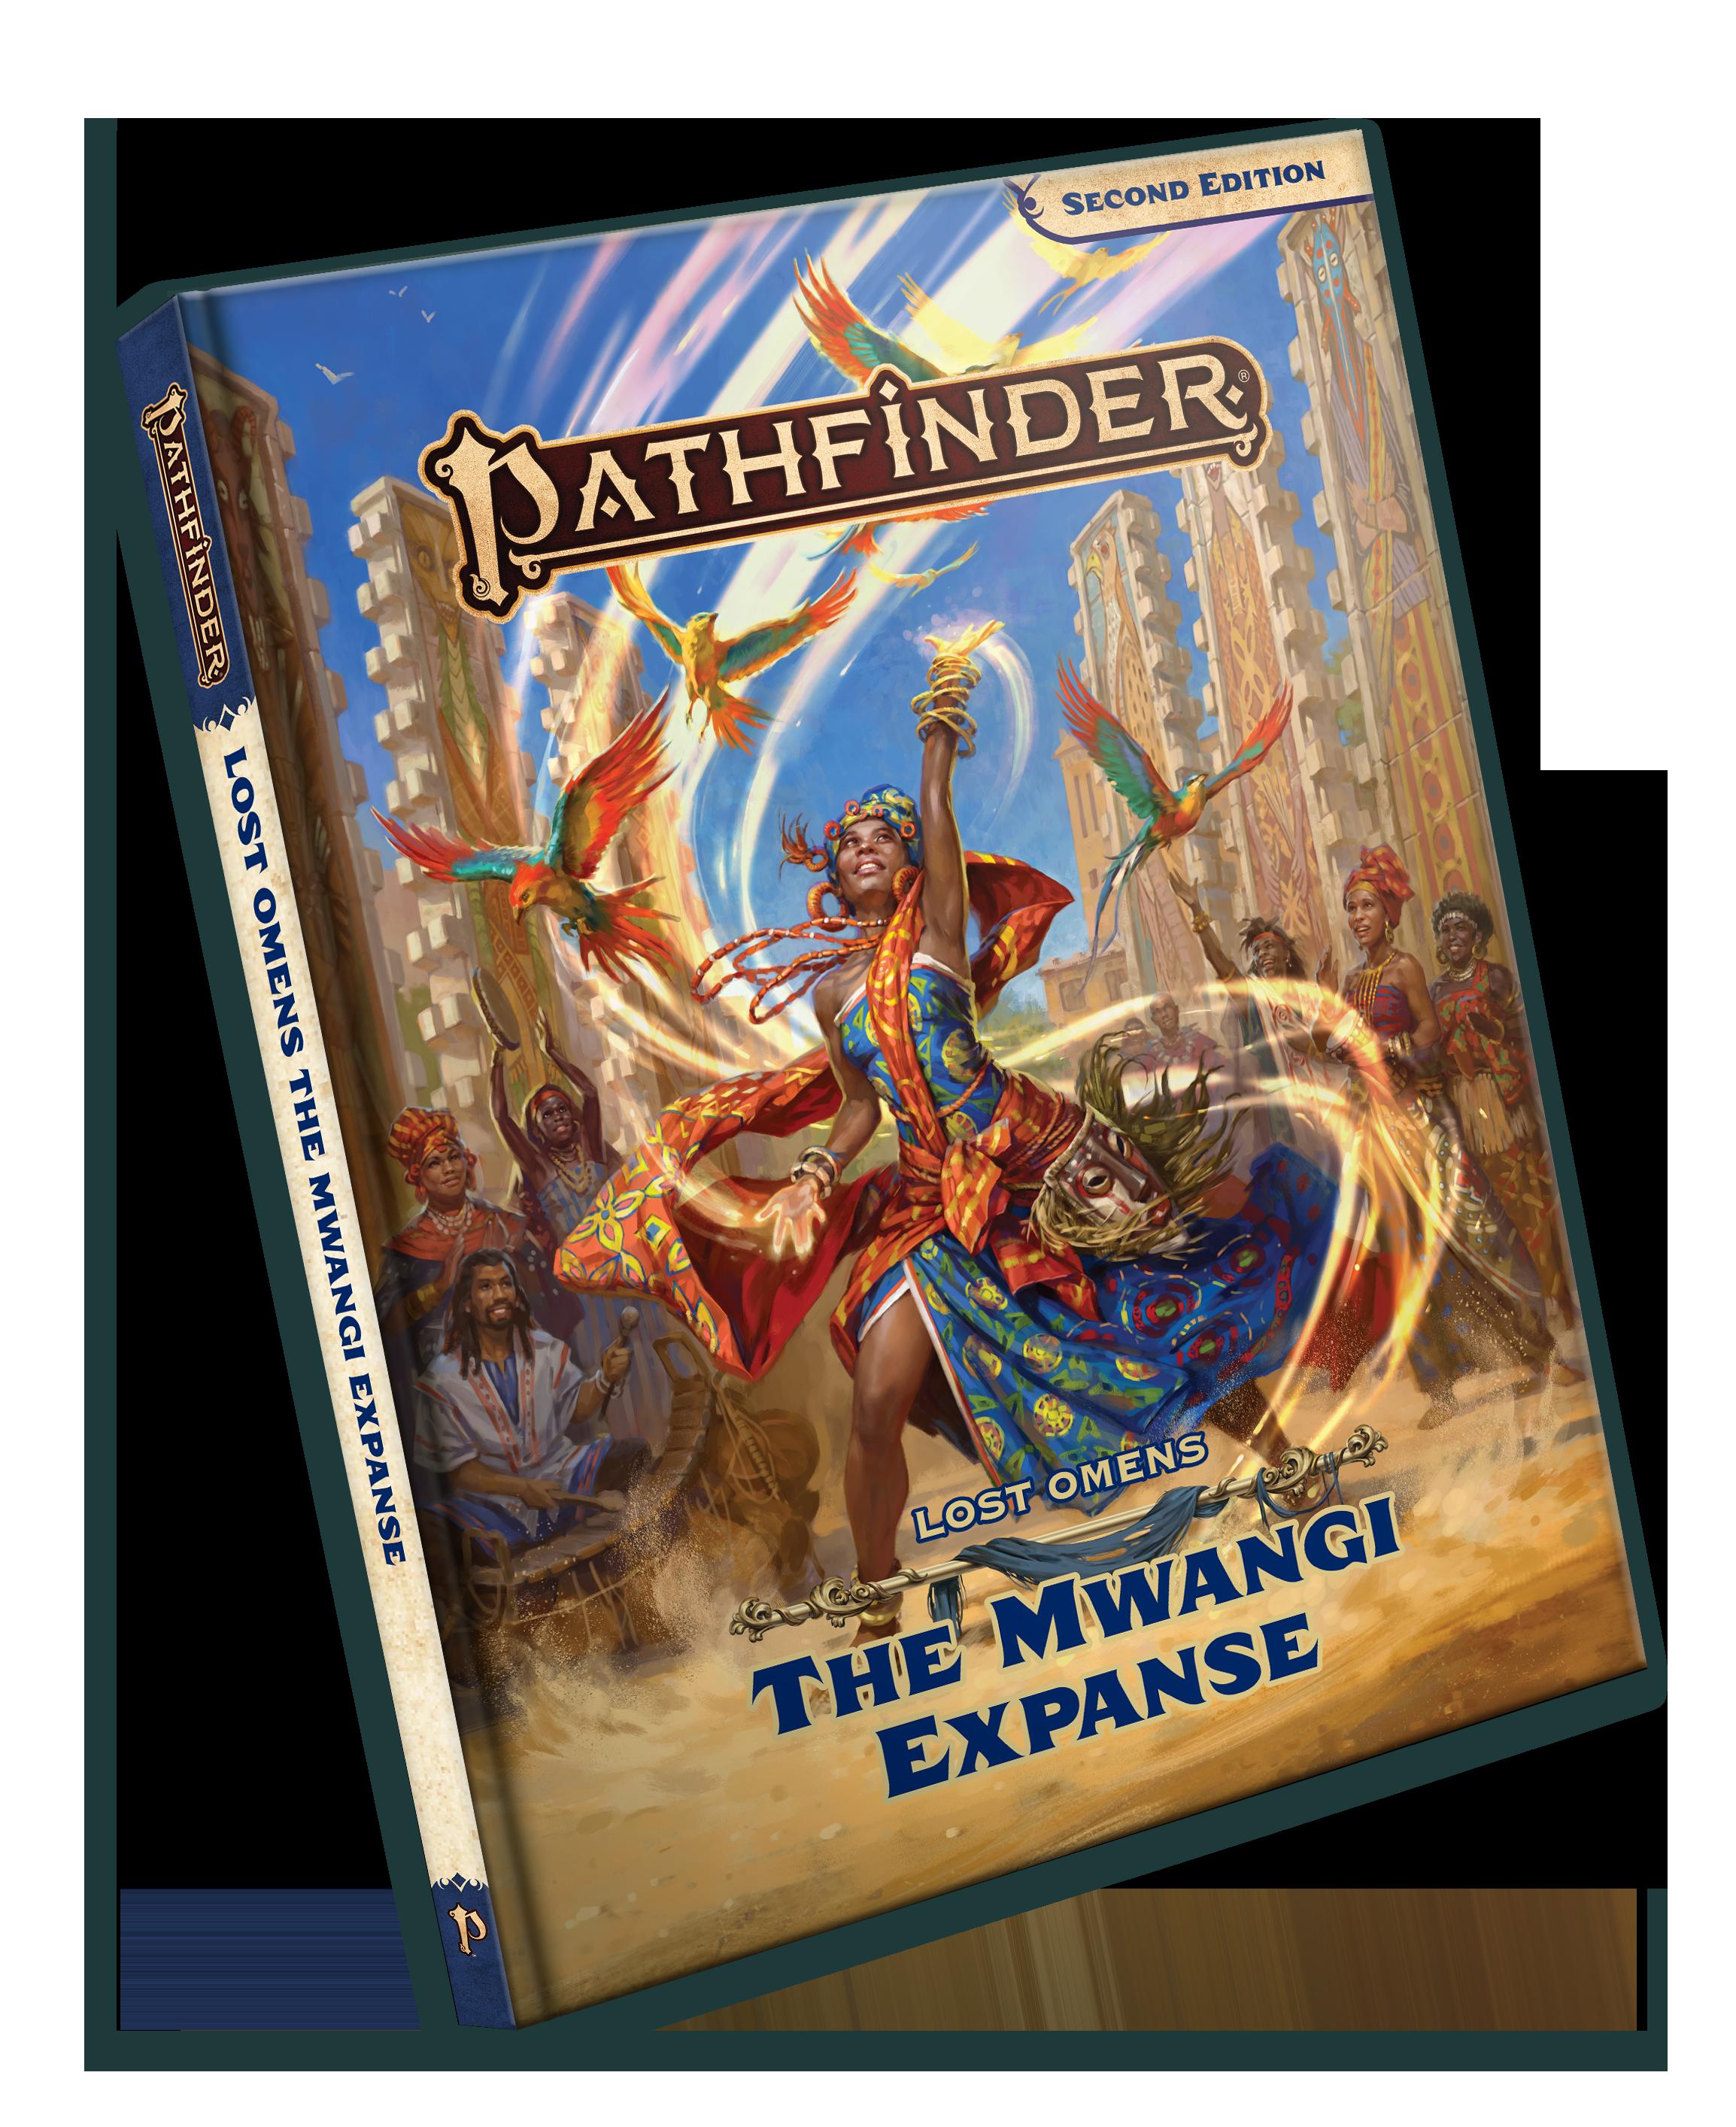 Pathfinder 2E - Lost Omens The Mwangi Expanse 9309